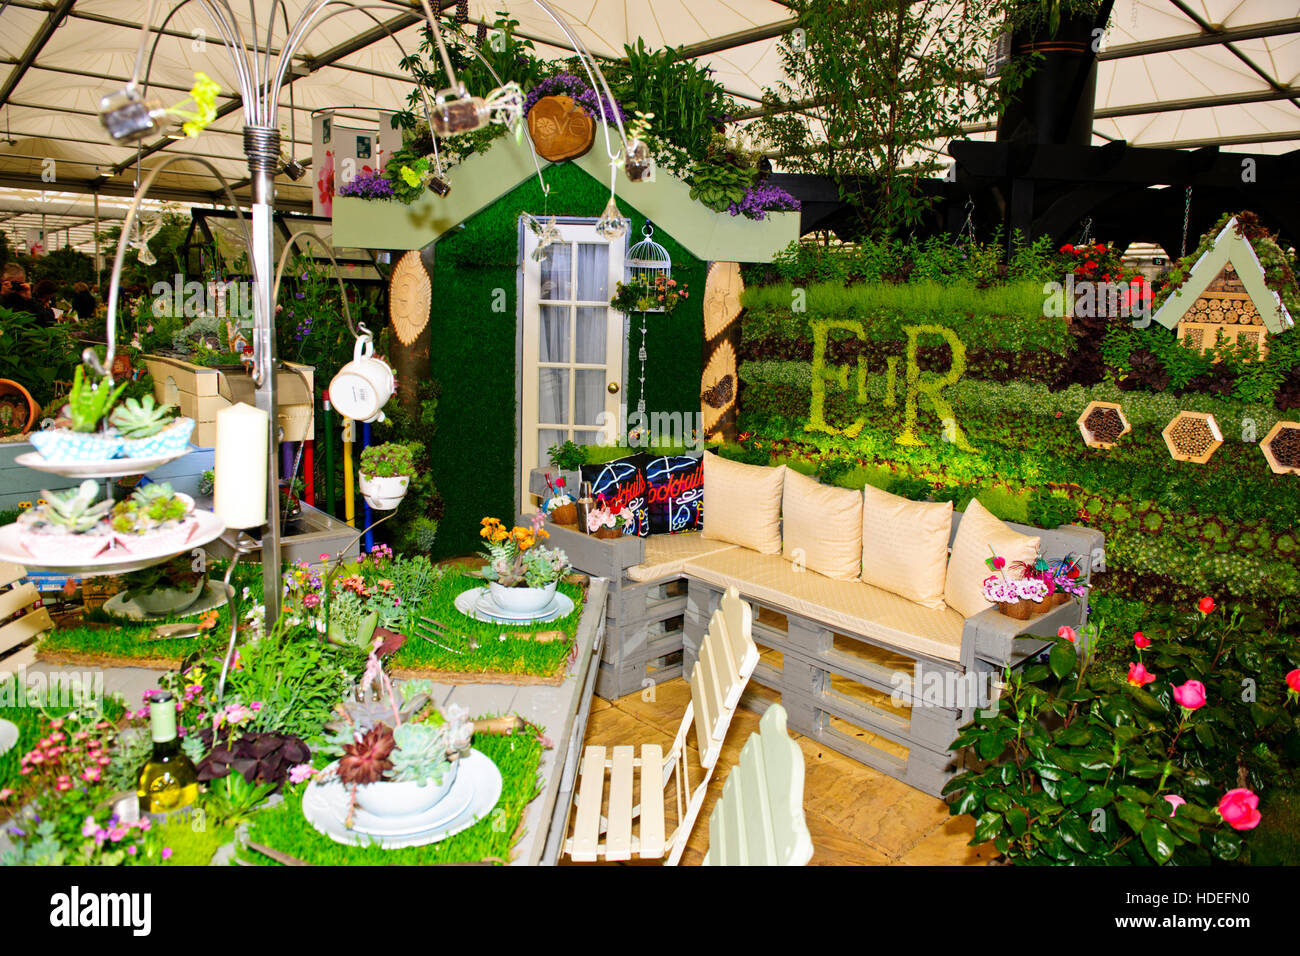 Chelsea flower show 2016 nursery fresh plants flower for Fresh air garden designs